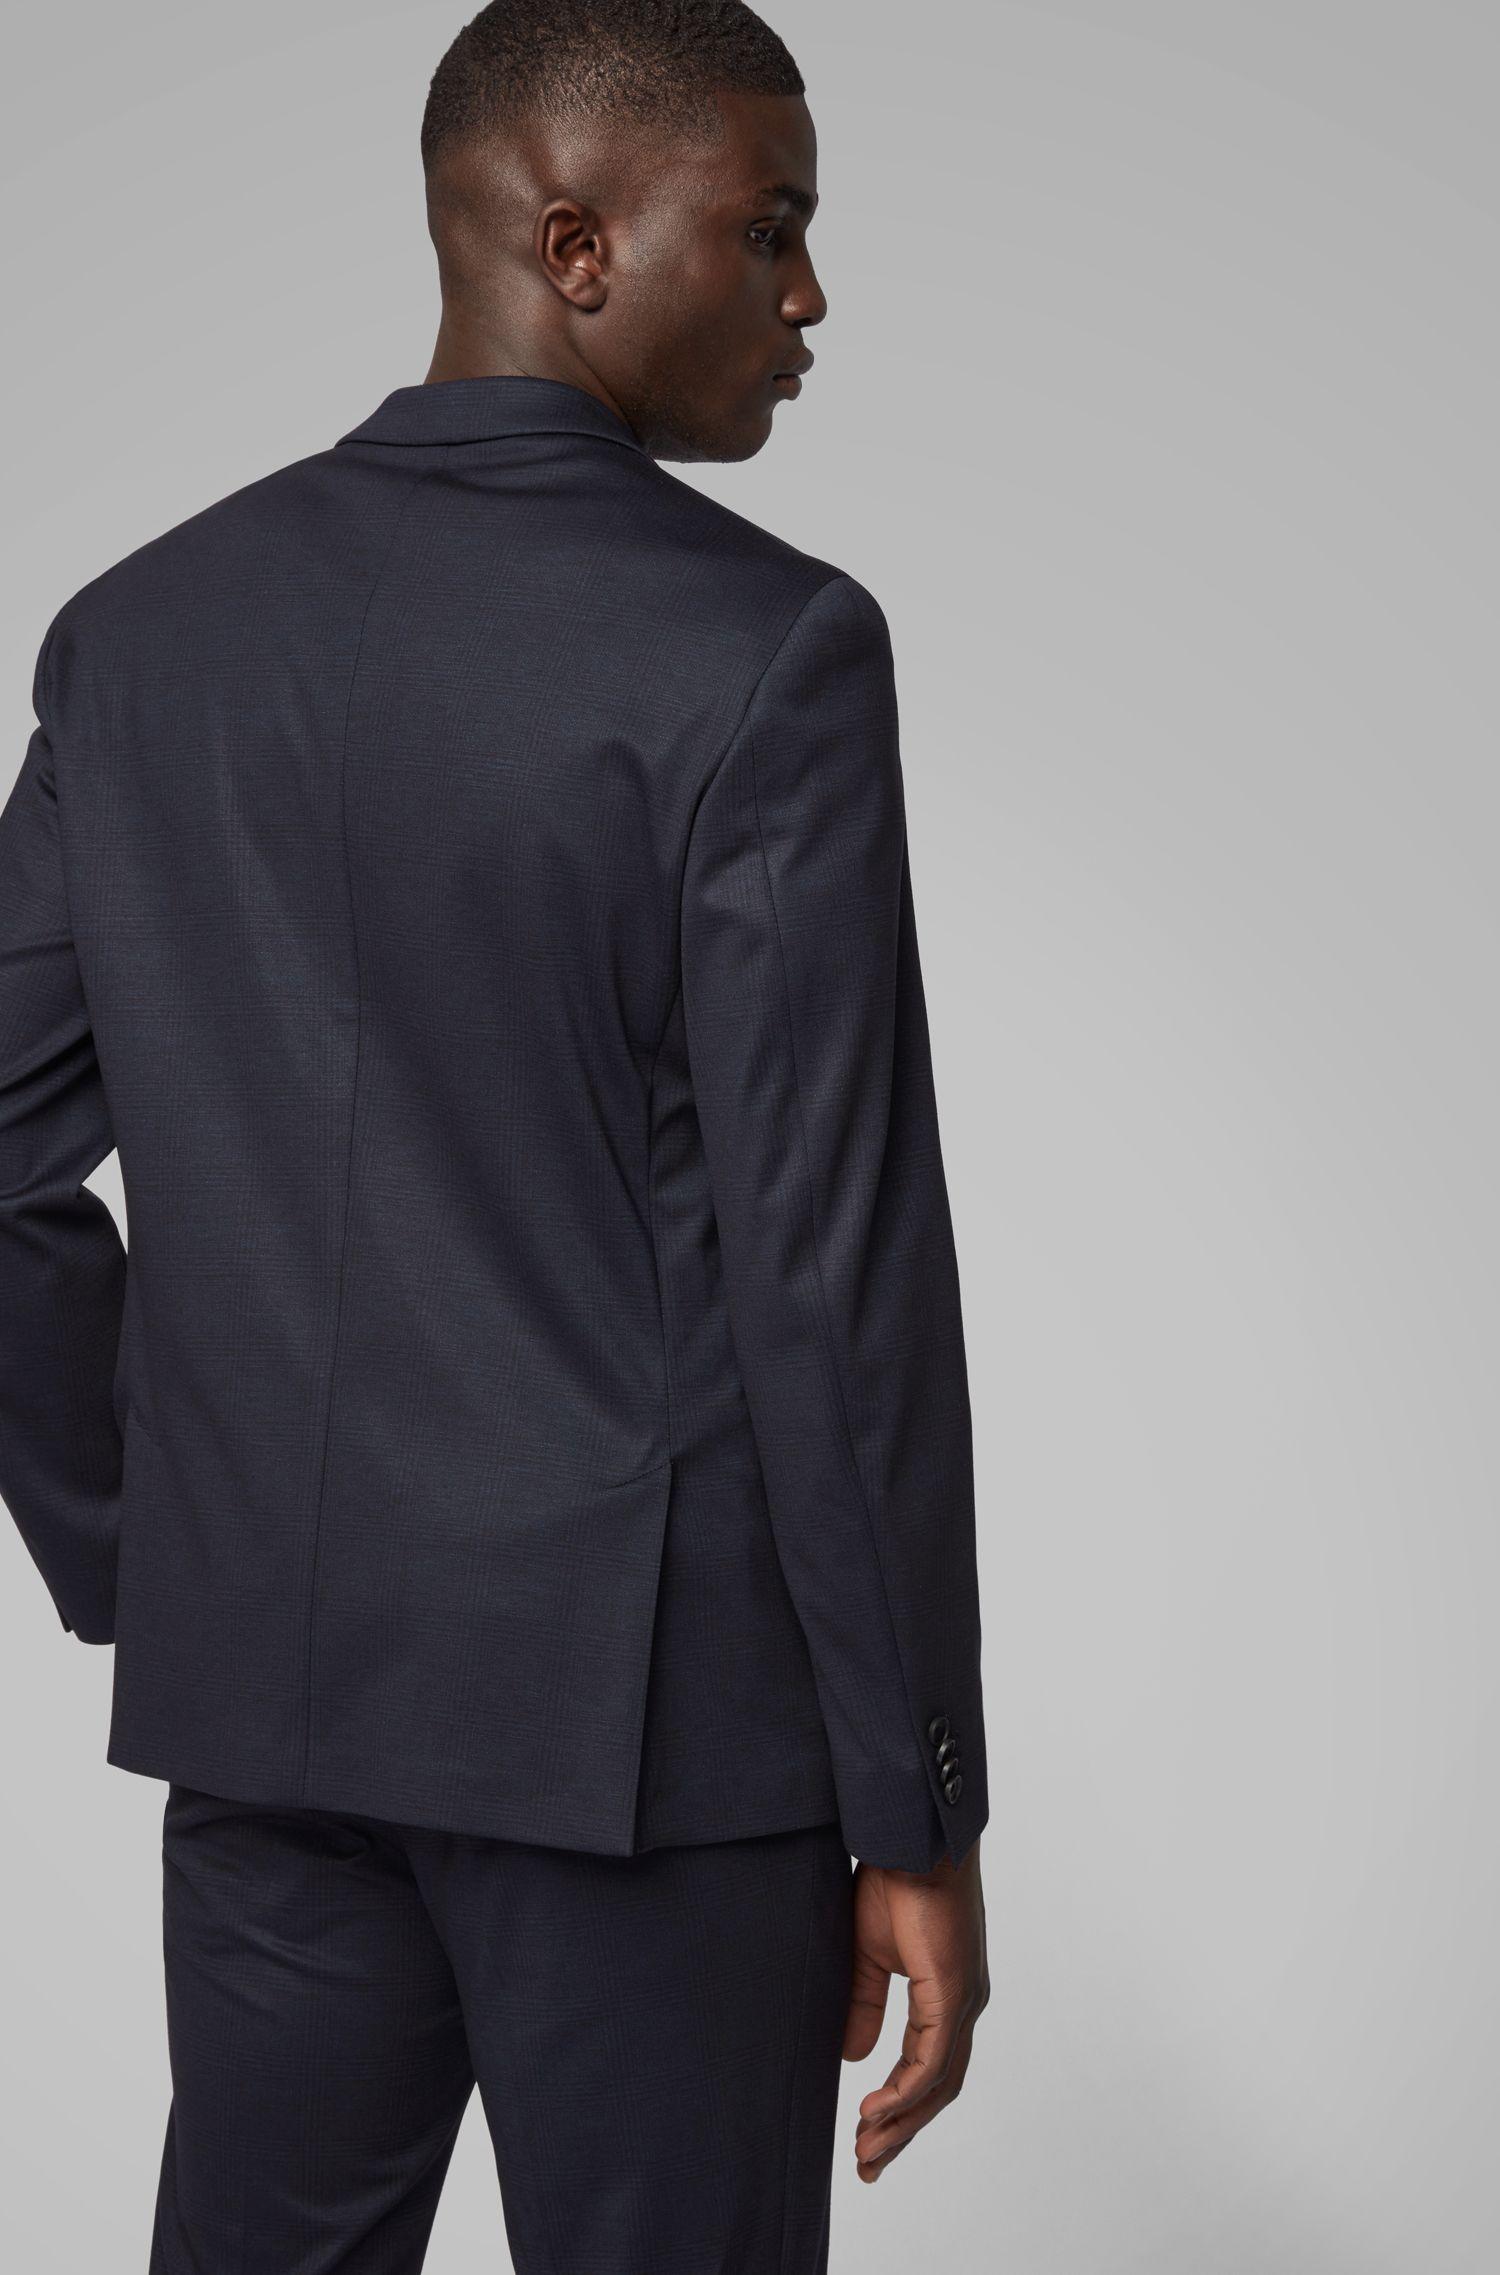 Costume Slim Fit en tissu stretch à carreaux, Bleu foncé